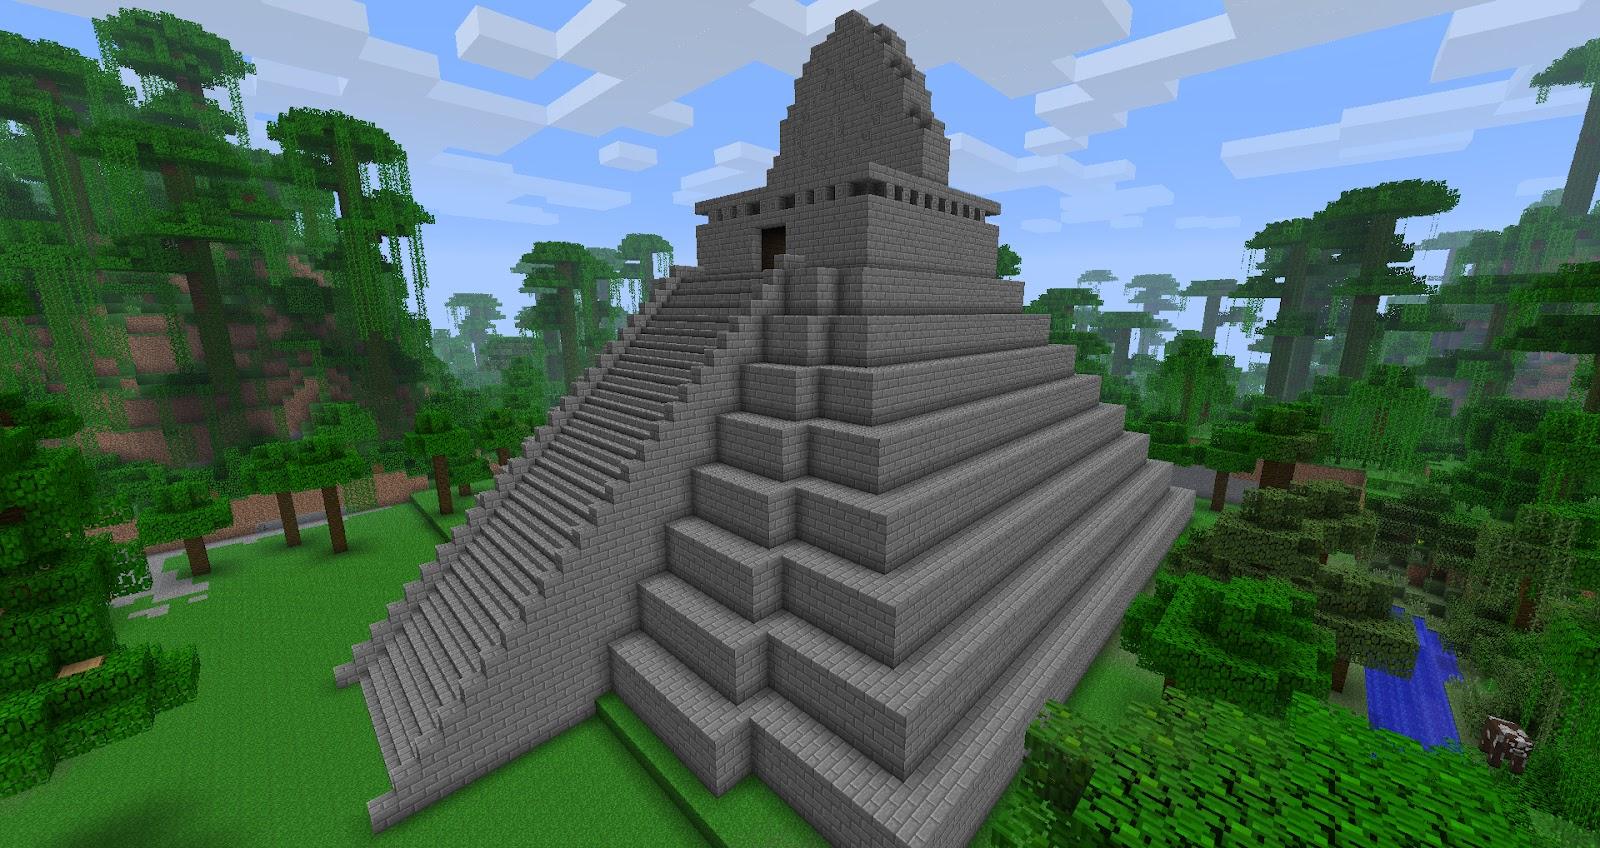 http://2.bp.blogspot.com/-9eMUsgk5W8o/T5Bd2Zgd1bI/AAAAAAAABDk/lcyDdVXxamk/s1600/mayans_minecraft.jpg